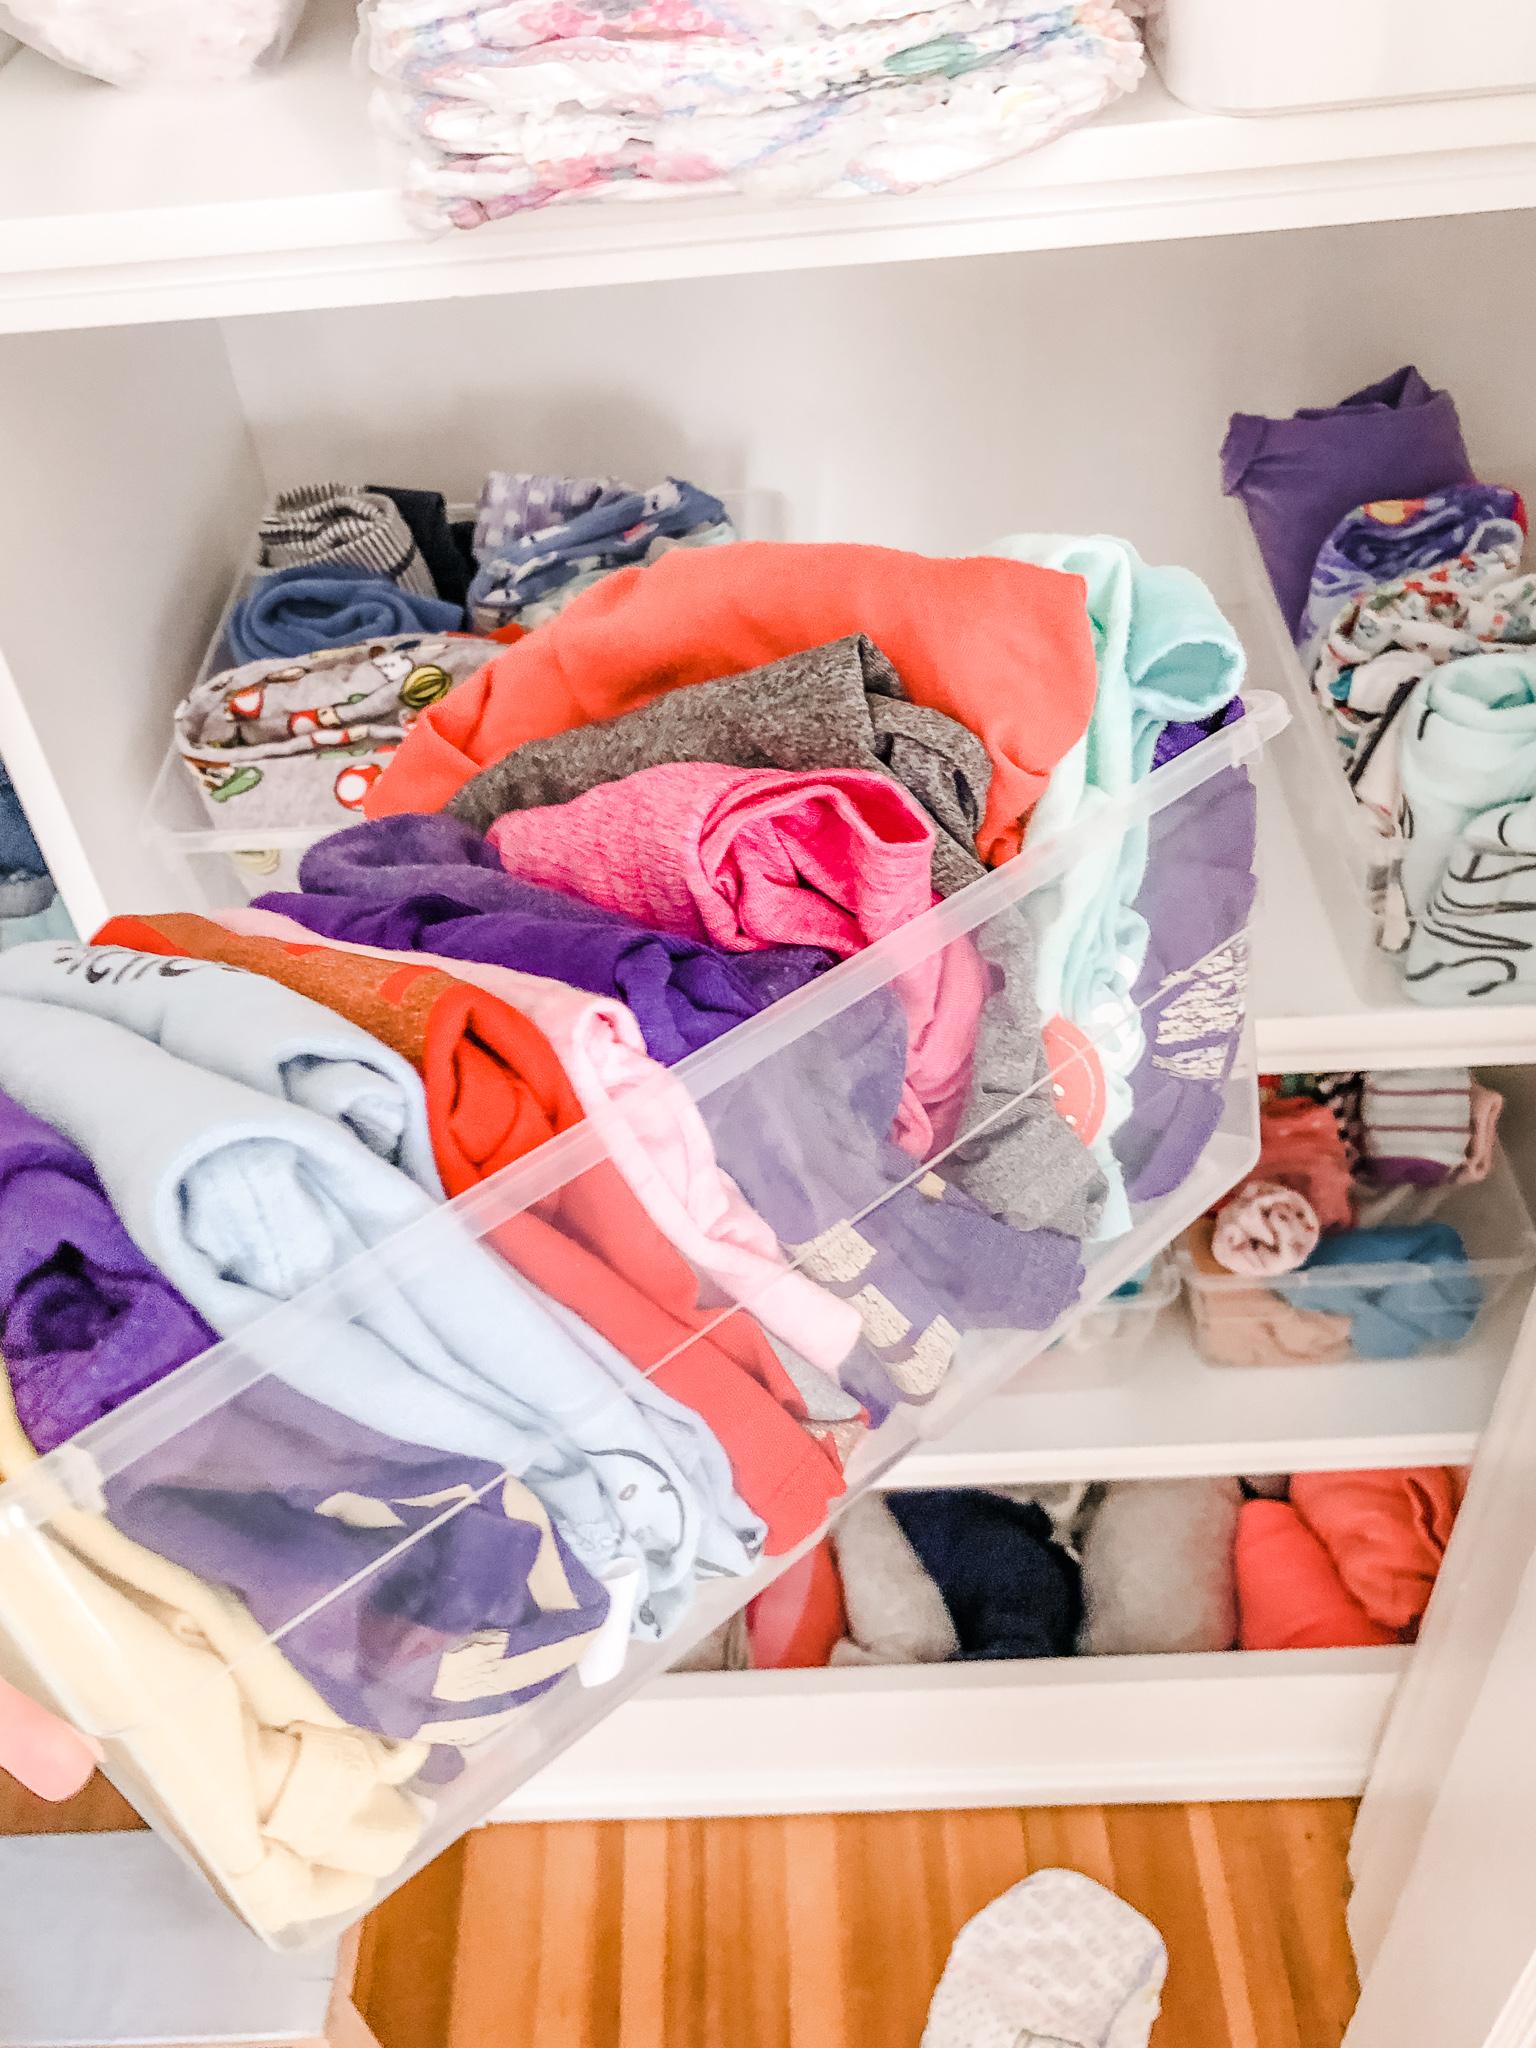 Closet/Folding